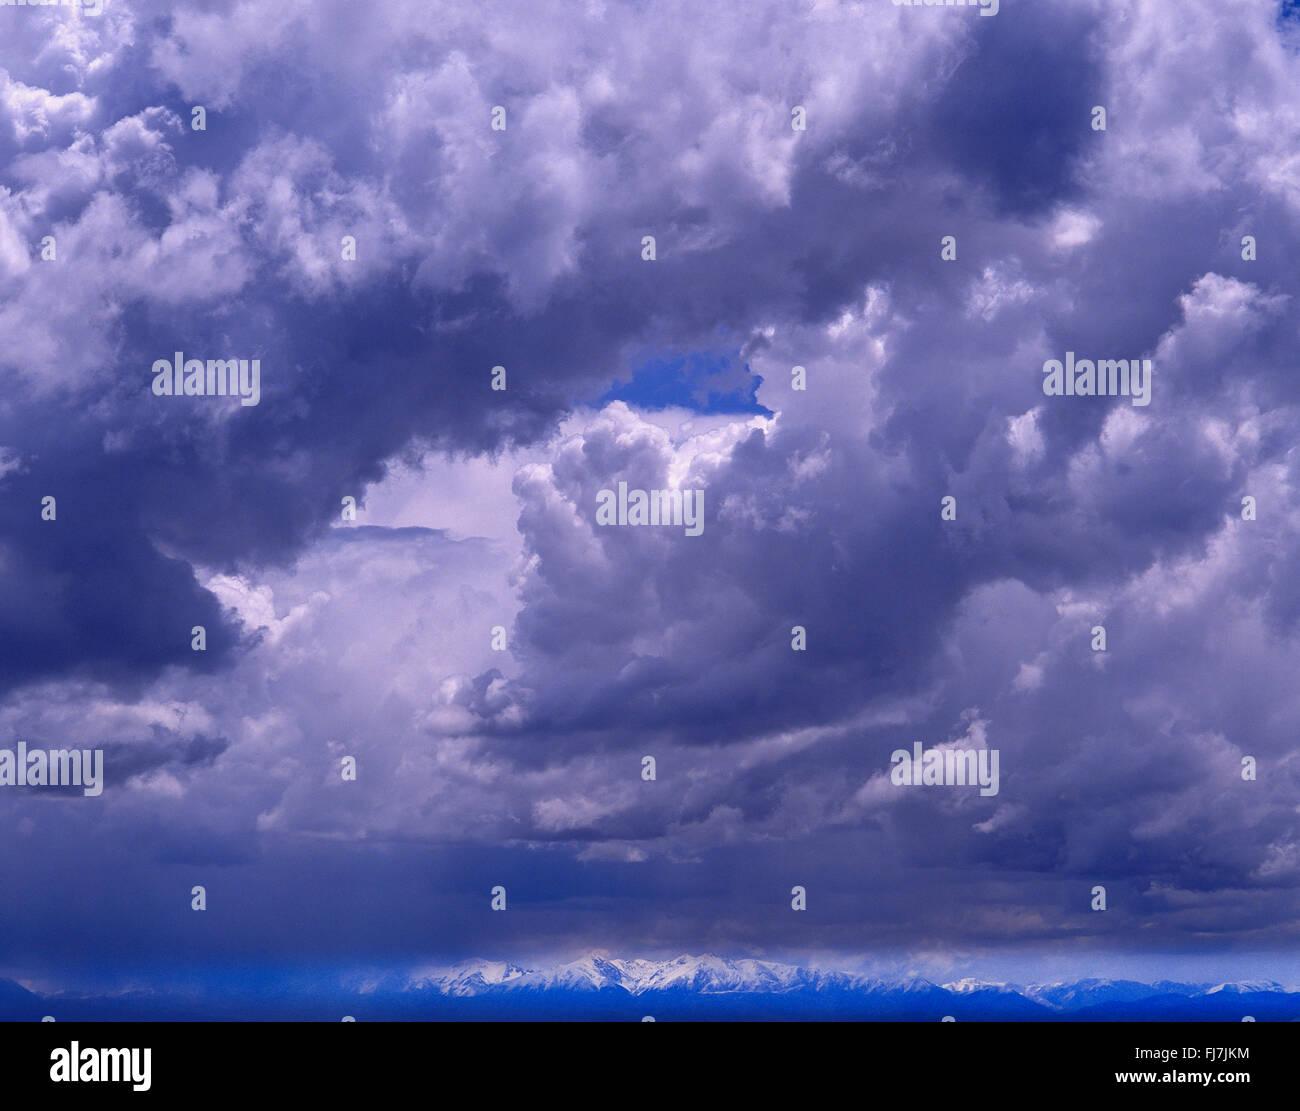 Ciel orageux sur le Sud de l'Alp mountains, Christchurch, Canterbury, île du Sud, Nouvelle-Zélande Banque D'Images